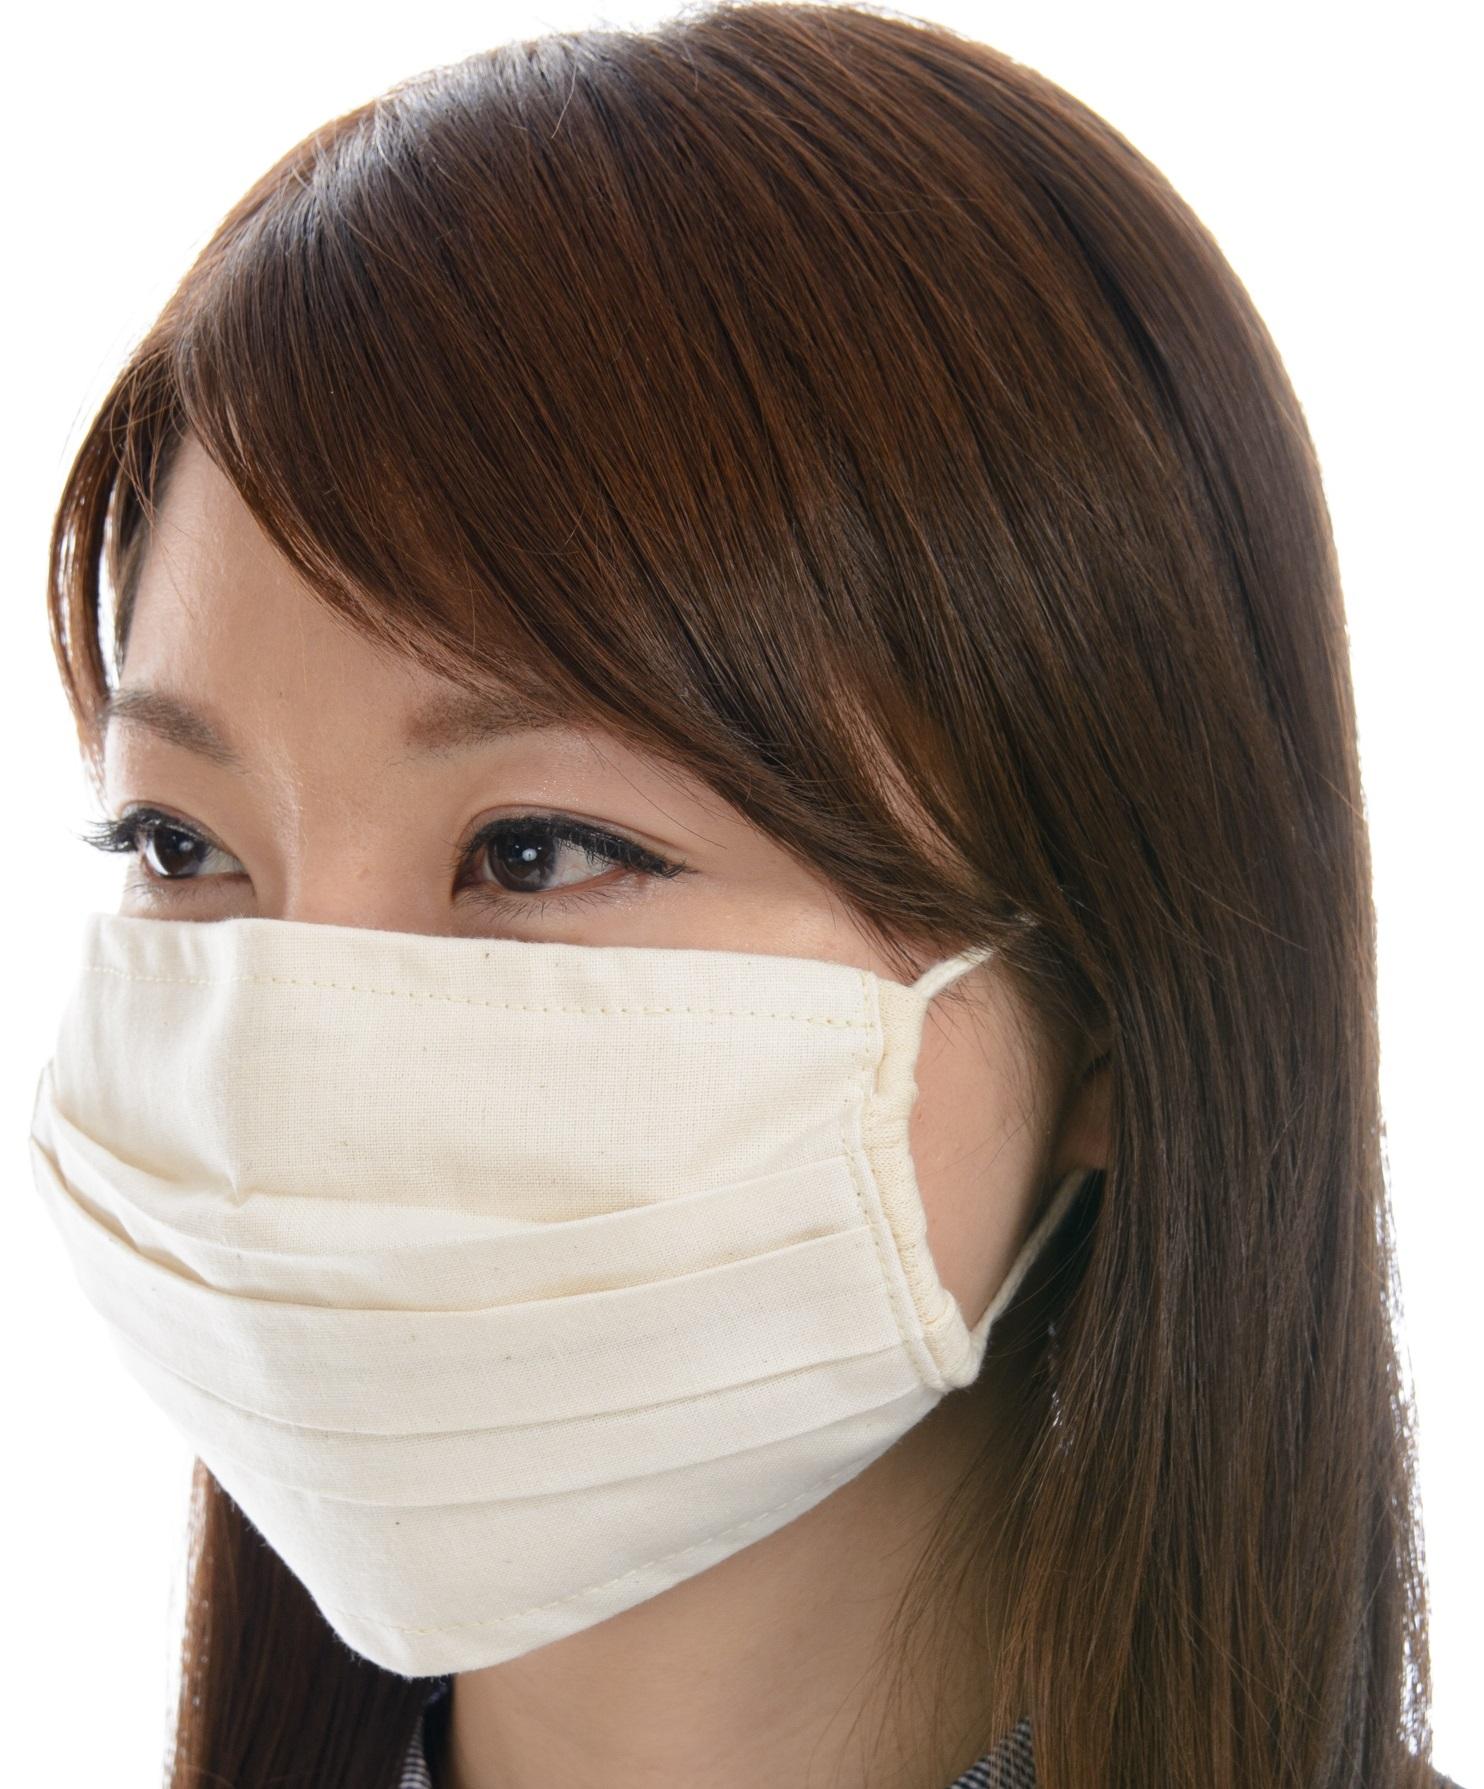 マスク 送料無料 オーガニックコットン 無染色 洗える立体形状のマスク 2色展開 NOC日本オーガニックコットン流通機構認定商品